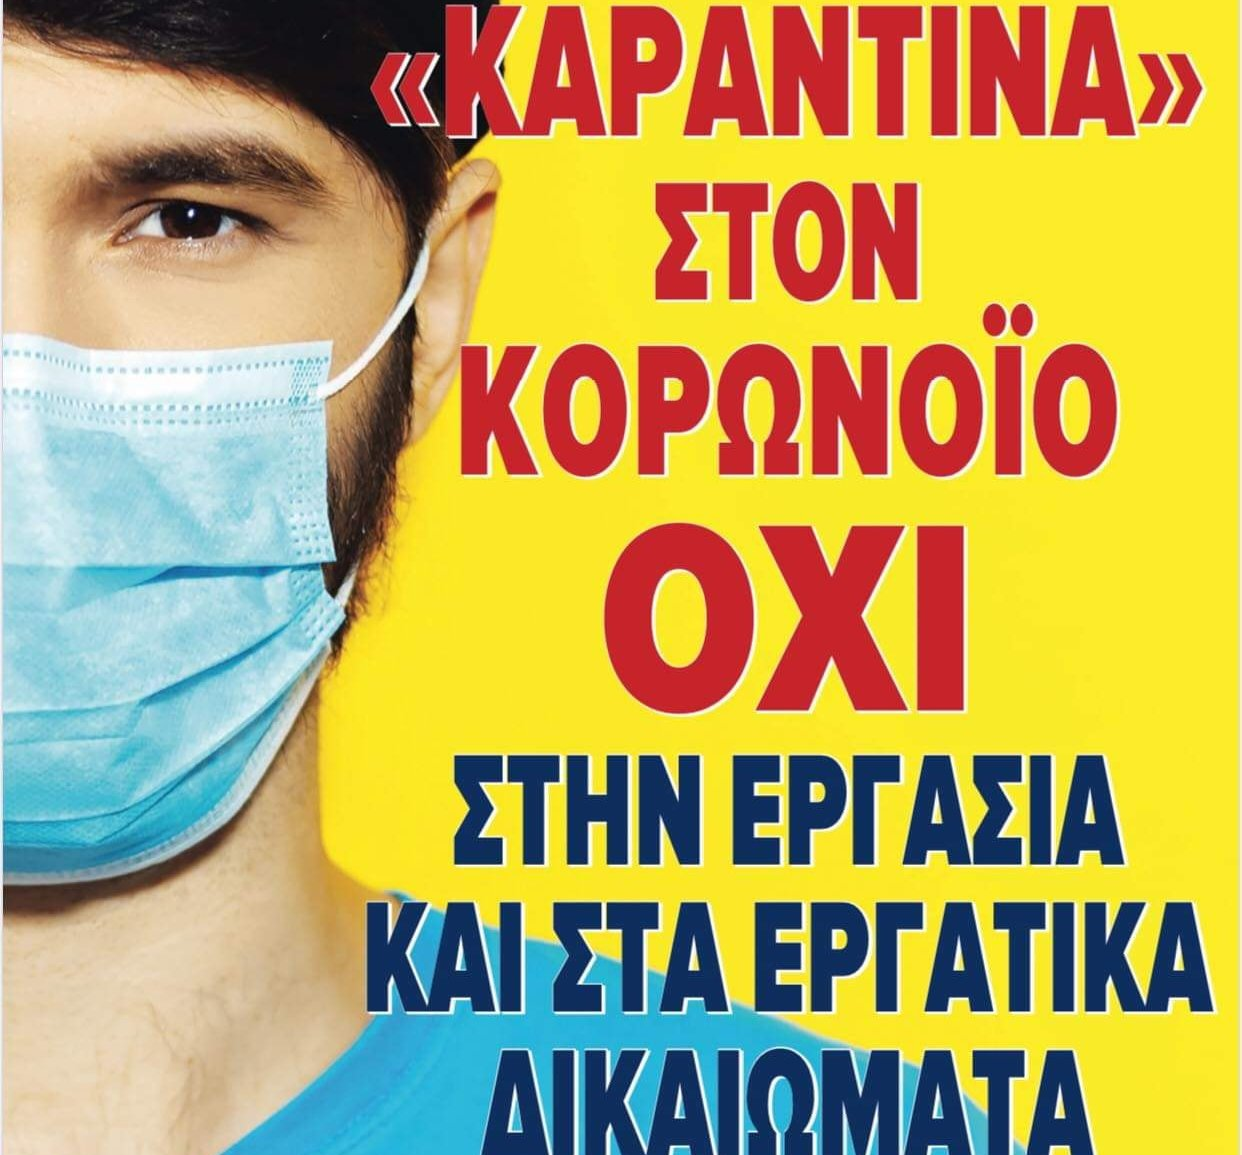 Η εργασιακή κατάσταση στη Βόρεια Ελλάδα -Καταγραφή των επιμέρους προβλημάτων των Εργατικών Κέντρων των νομών της Βόρειας Ελλάδας